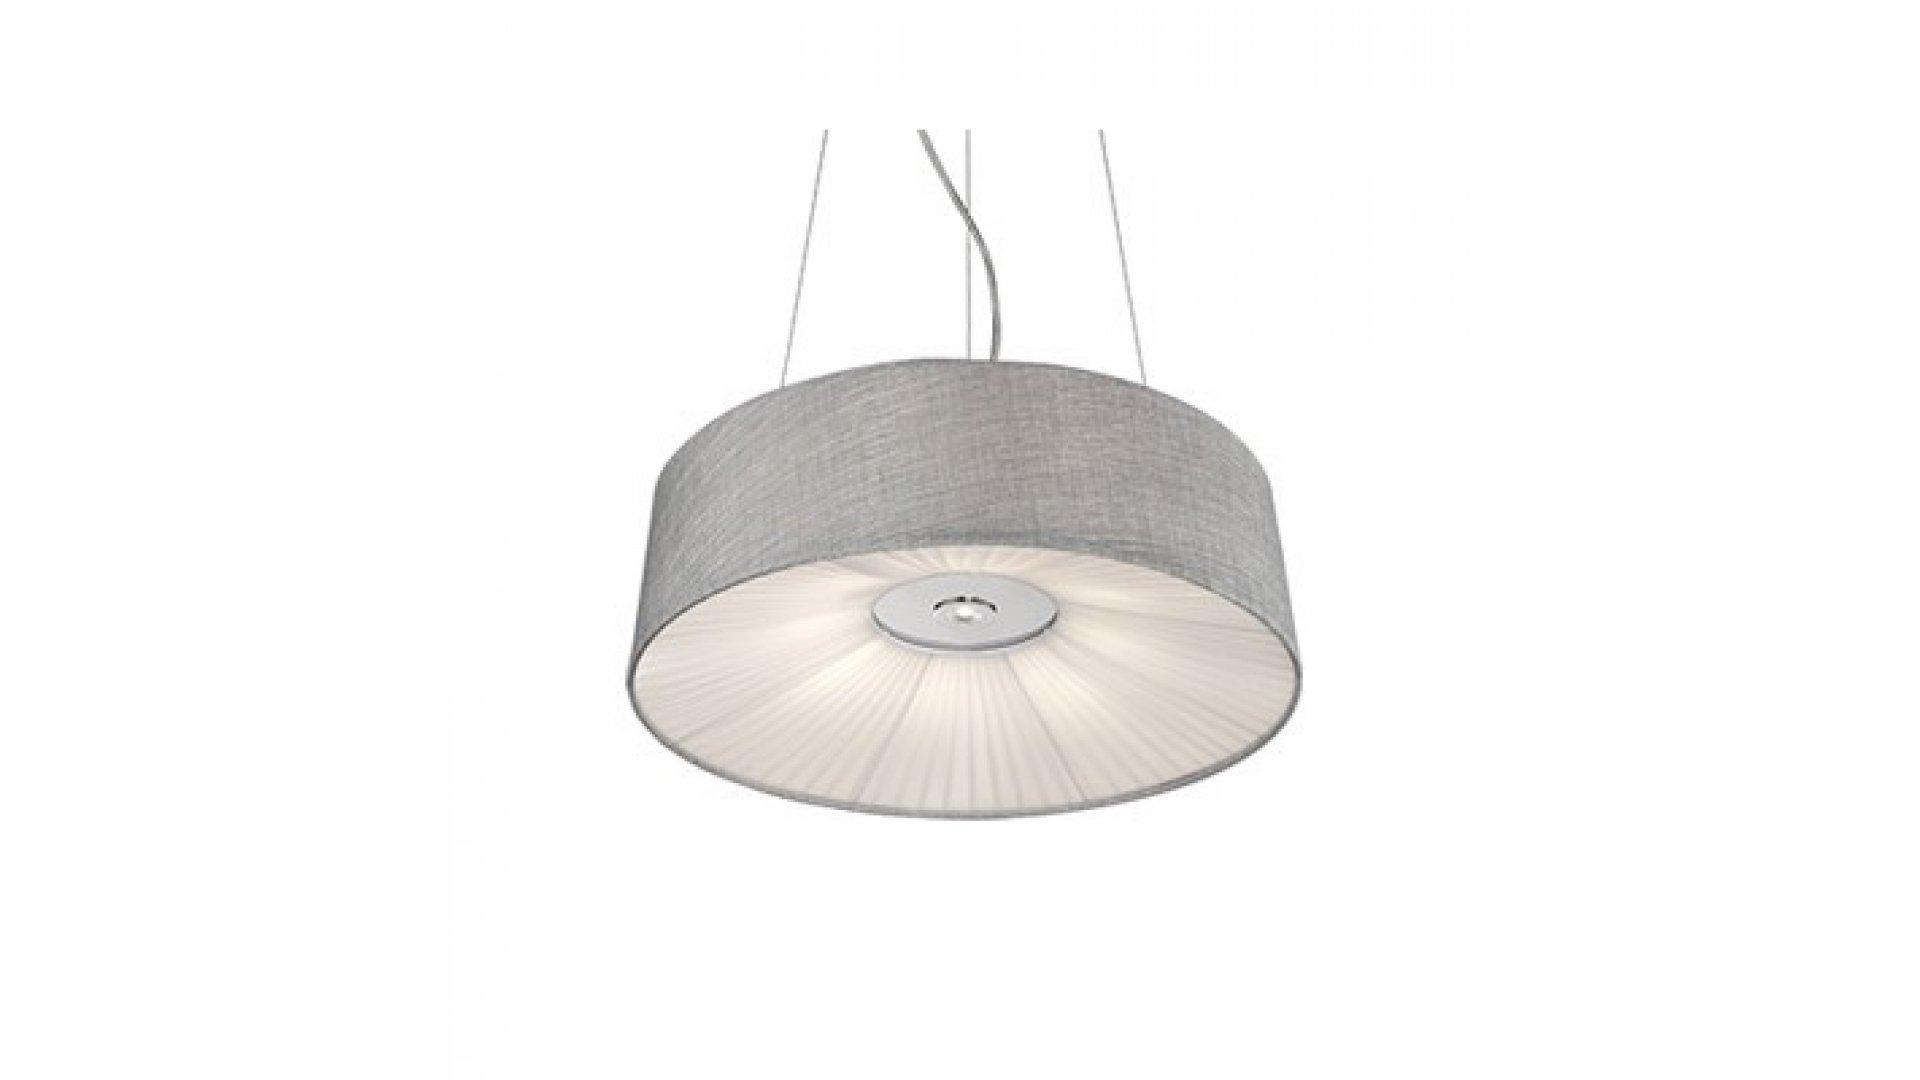 Brushed Nickel Led Bathroom Light By Kuzco Lighting: Kuzco Lighting Model WS10918-BN Sleek Wall Sconce Light